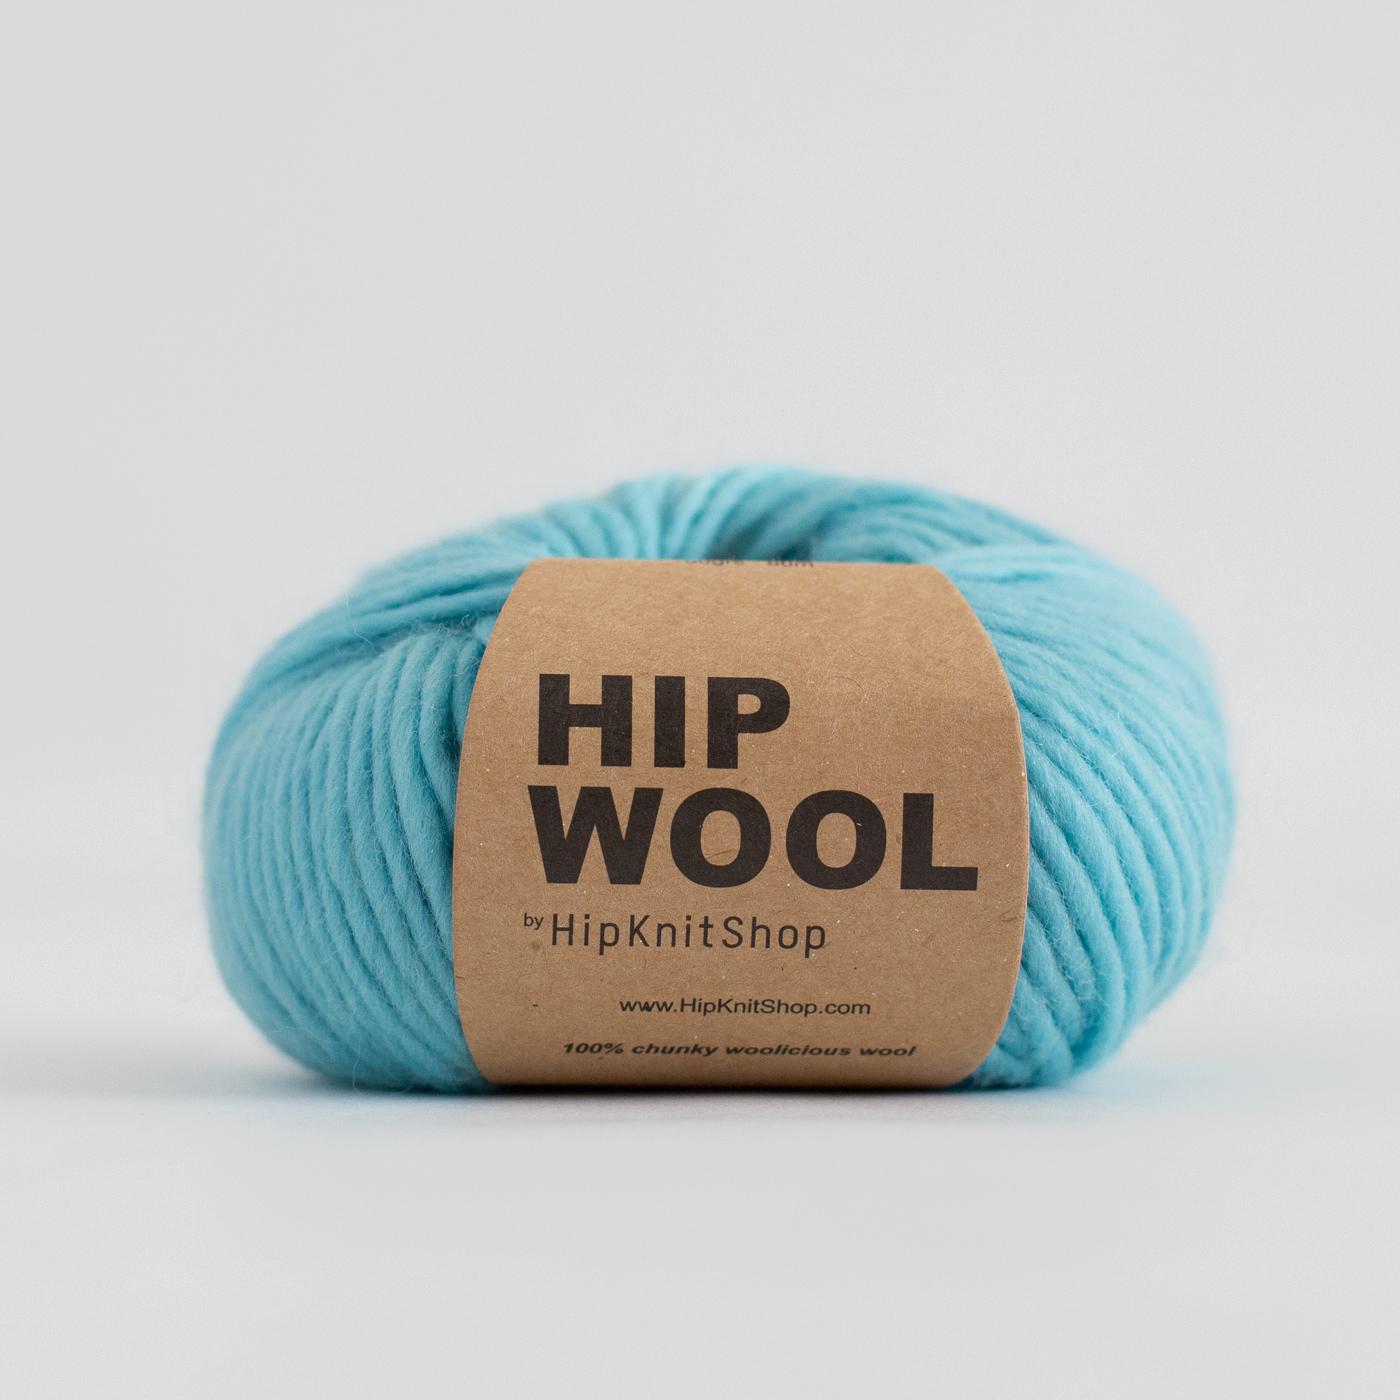 hip wool knitting kit